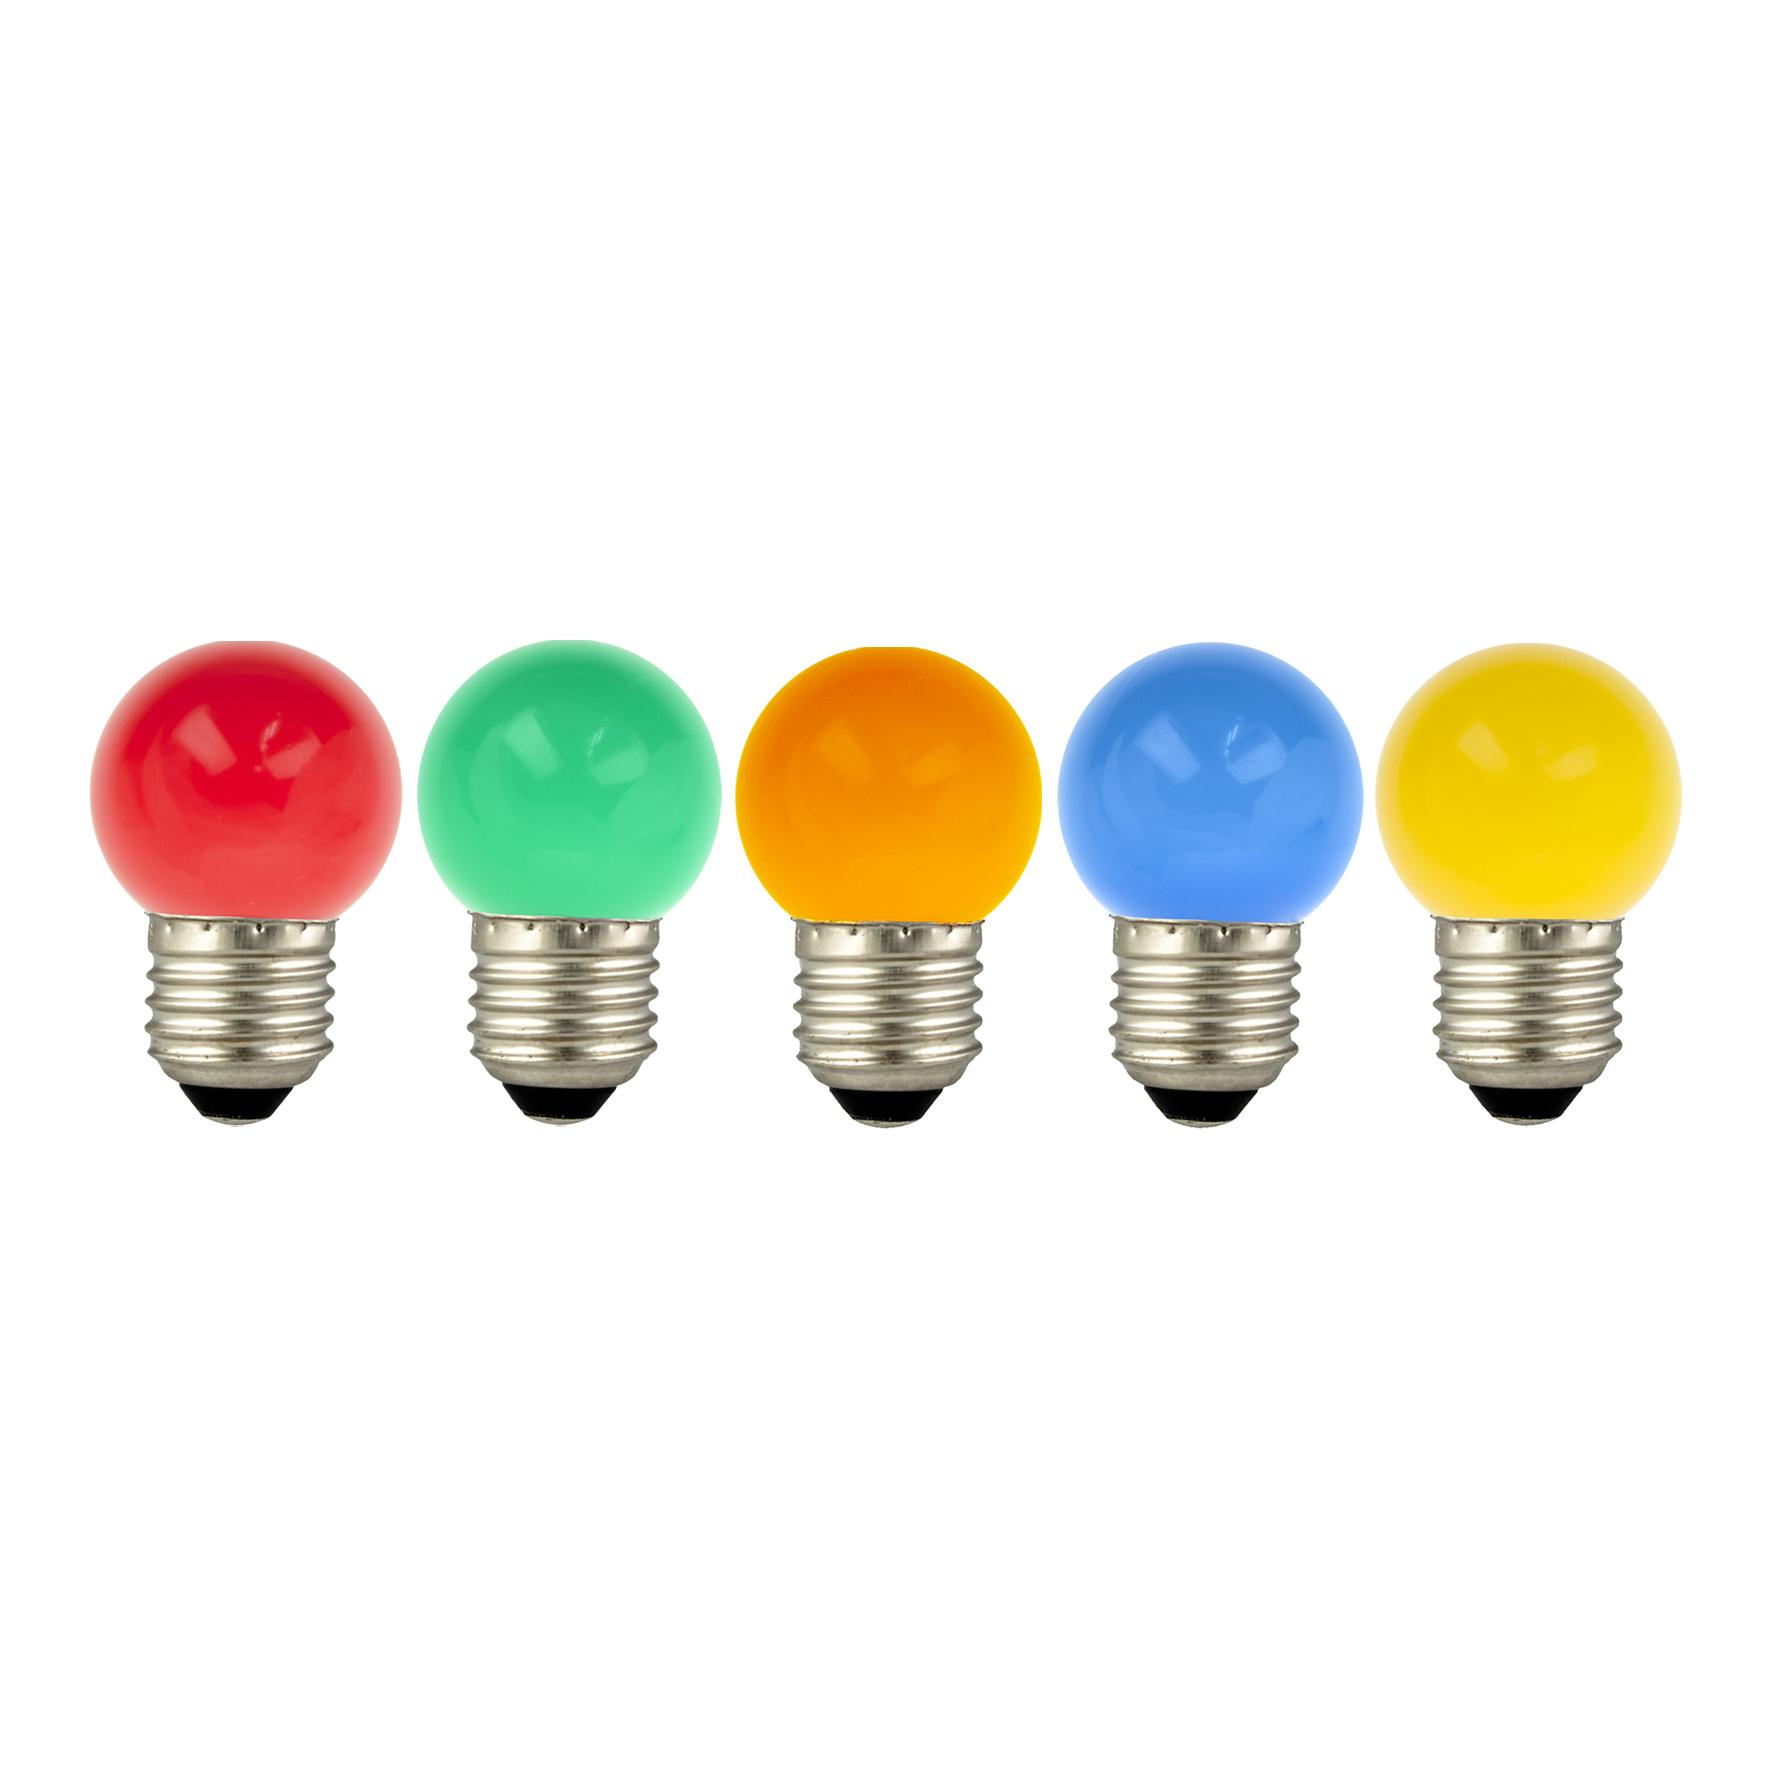 LED Ball E27 G45 220-240V 1W Green